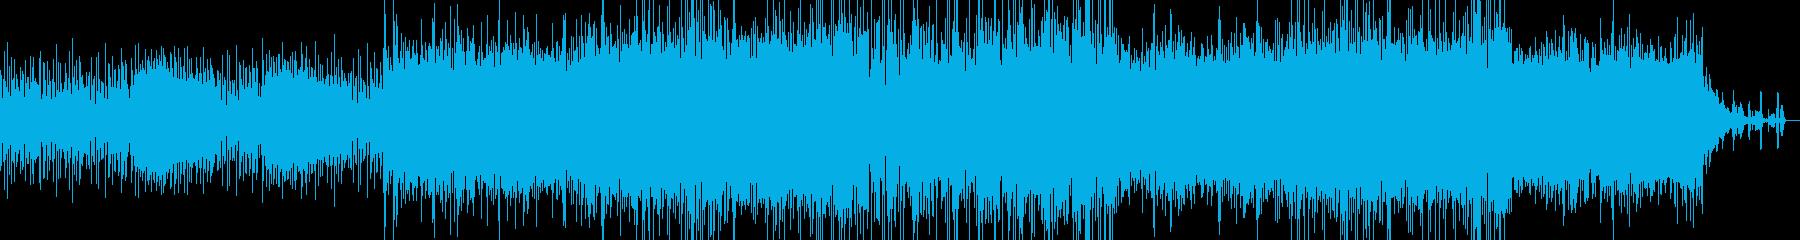 明るめのエレクトロの再生済みの波形